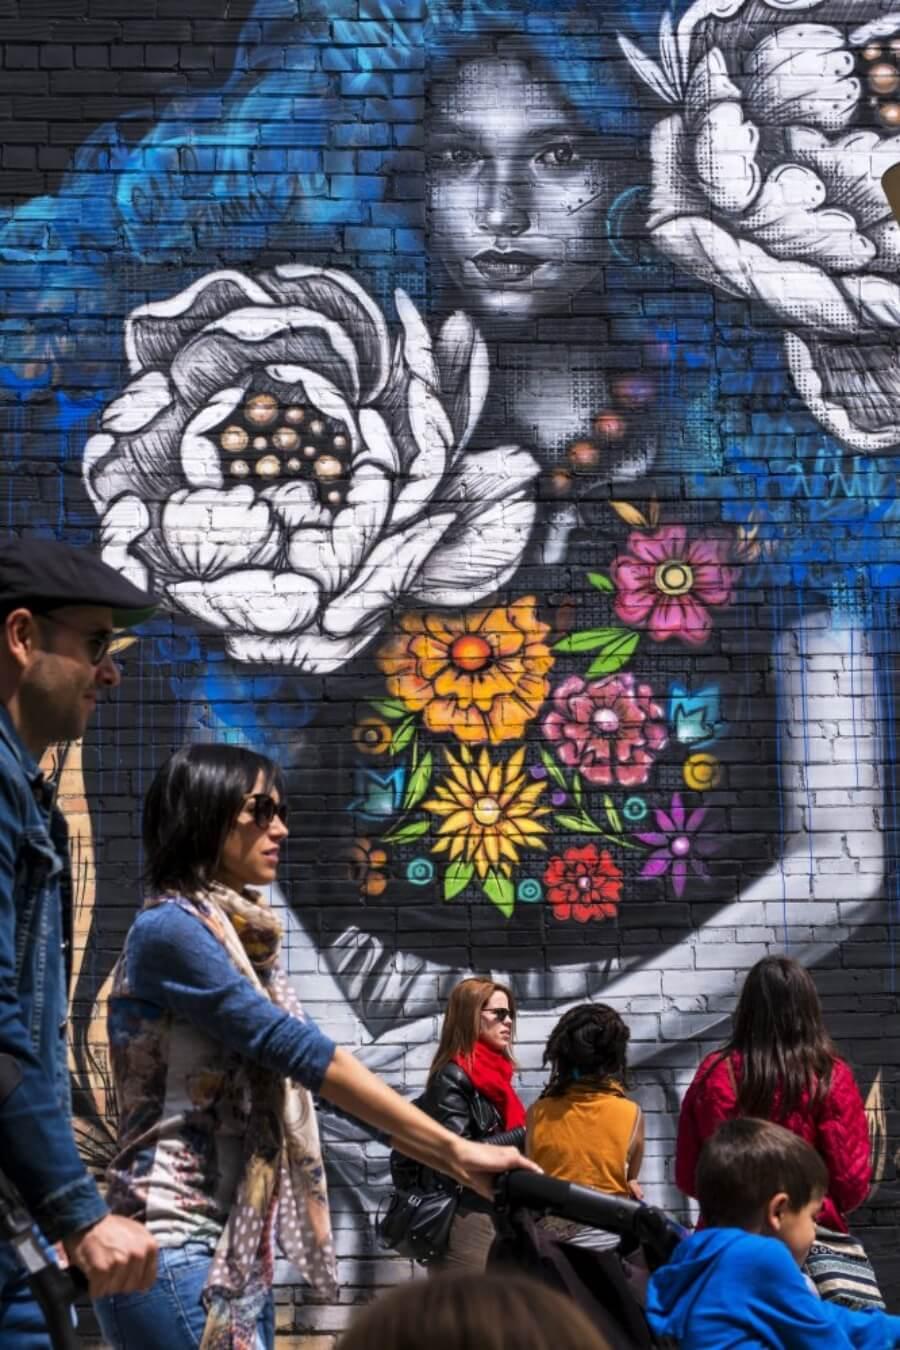 Se dice que hay más murales que habitantes en esta región